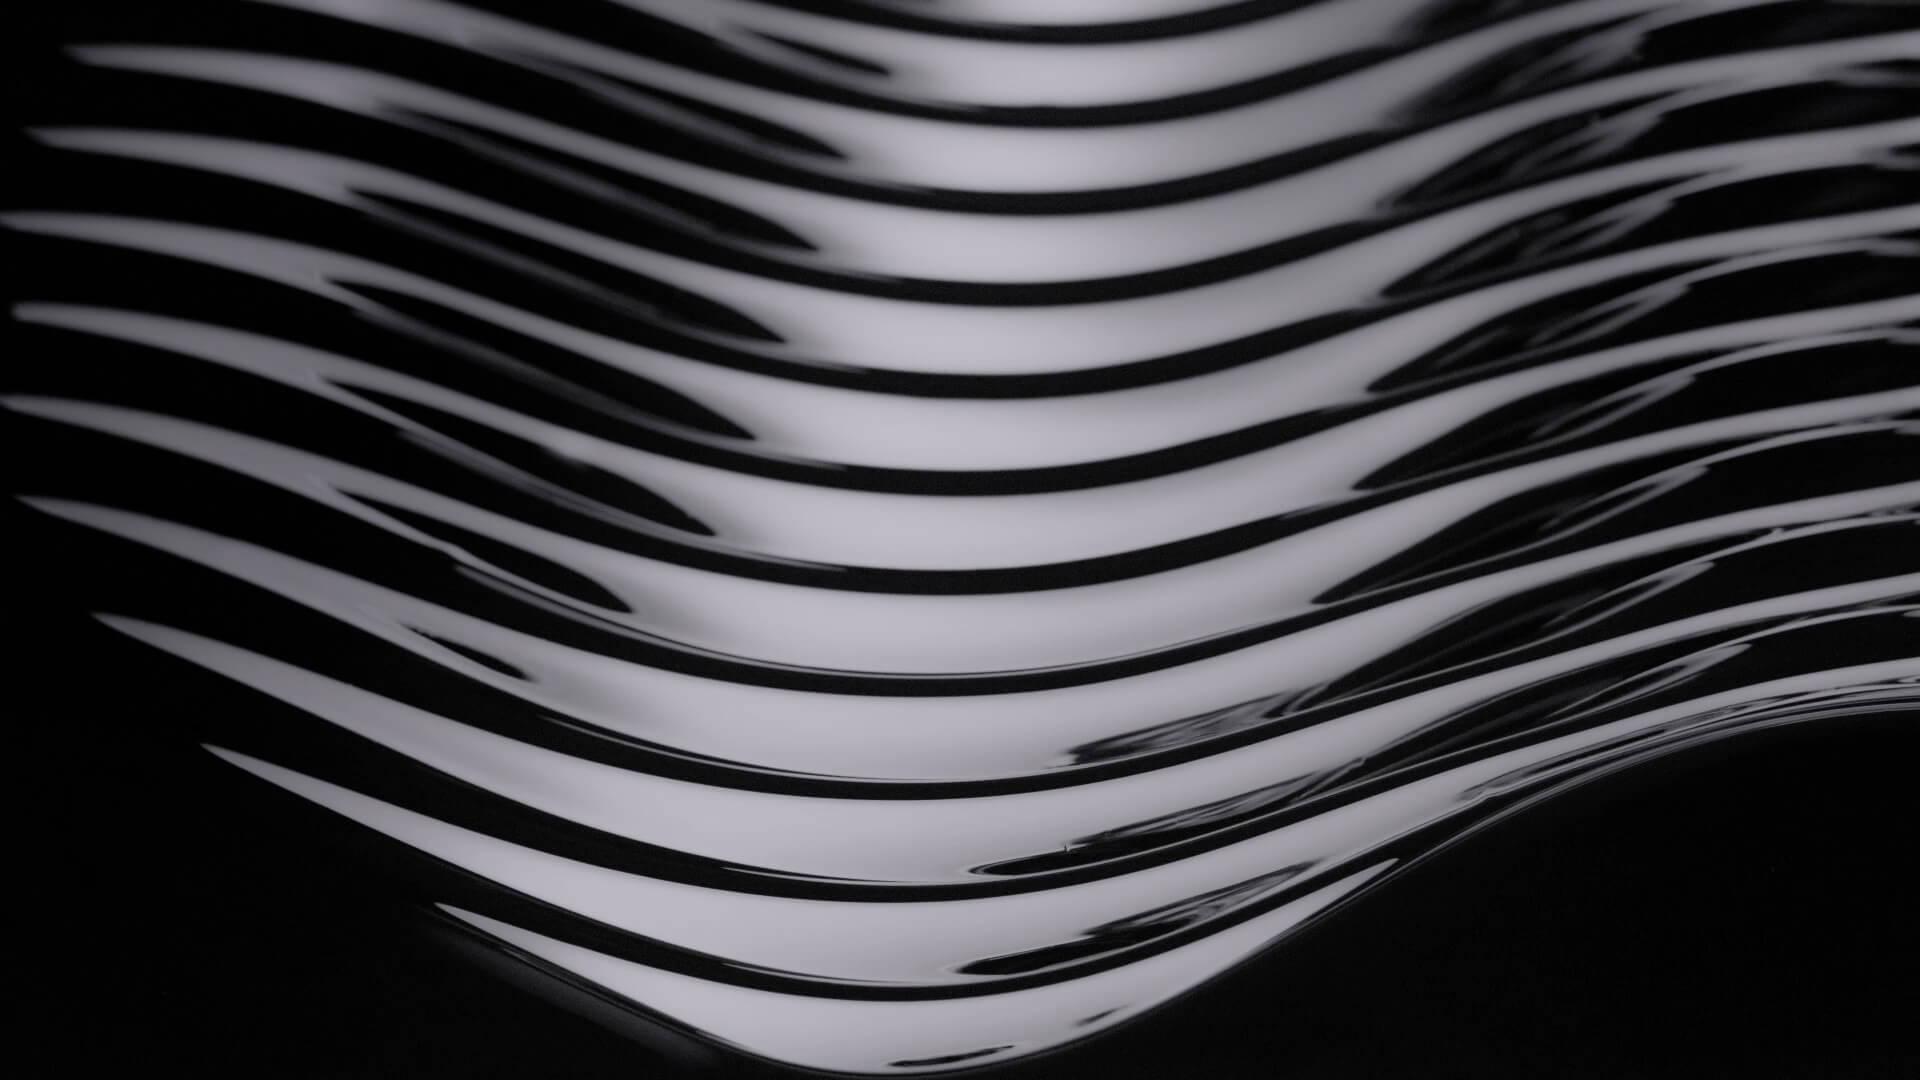 screen-lancome-hypnose-masha-vasyukova-02